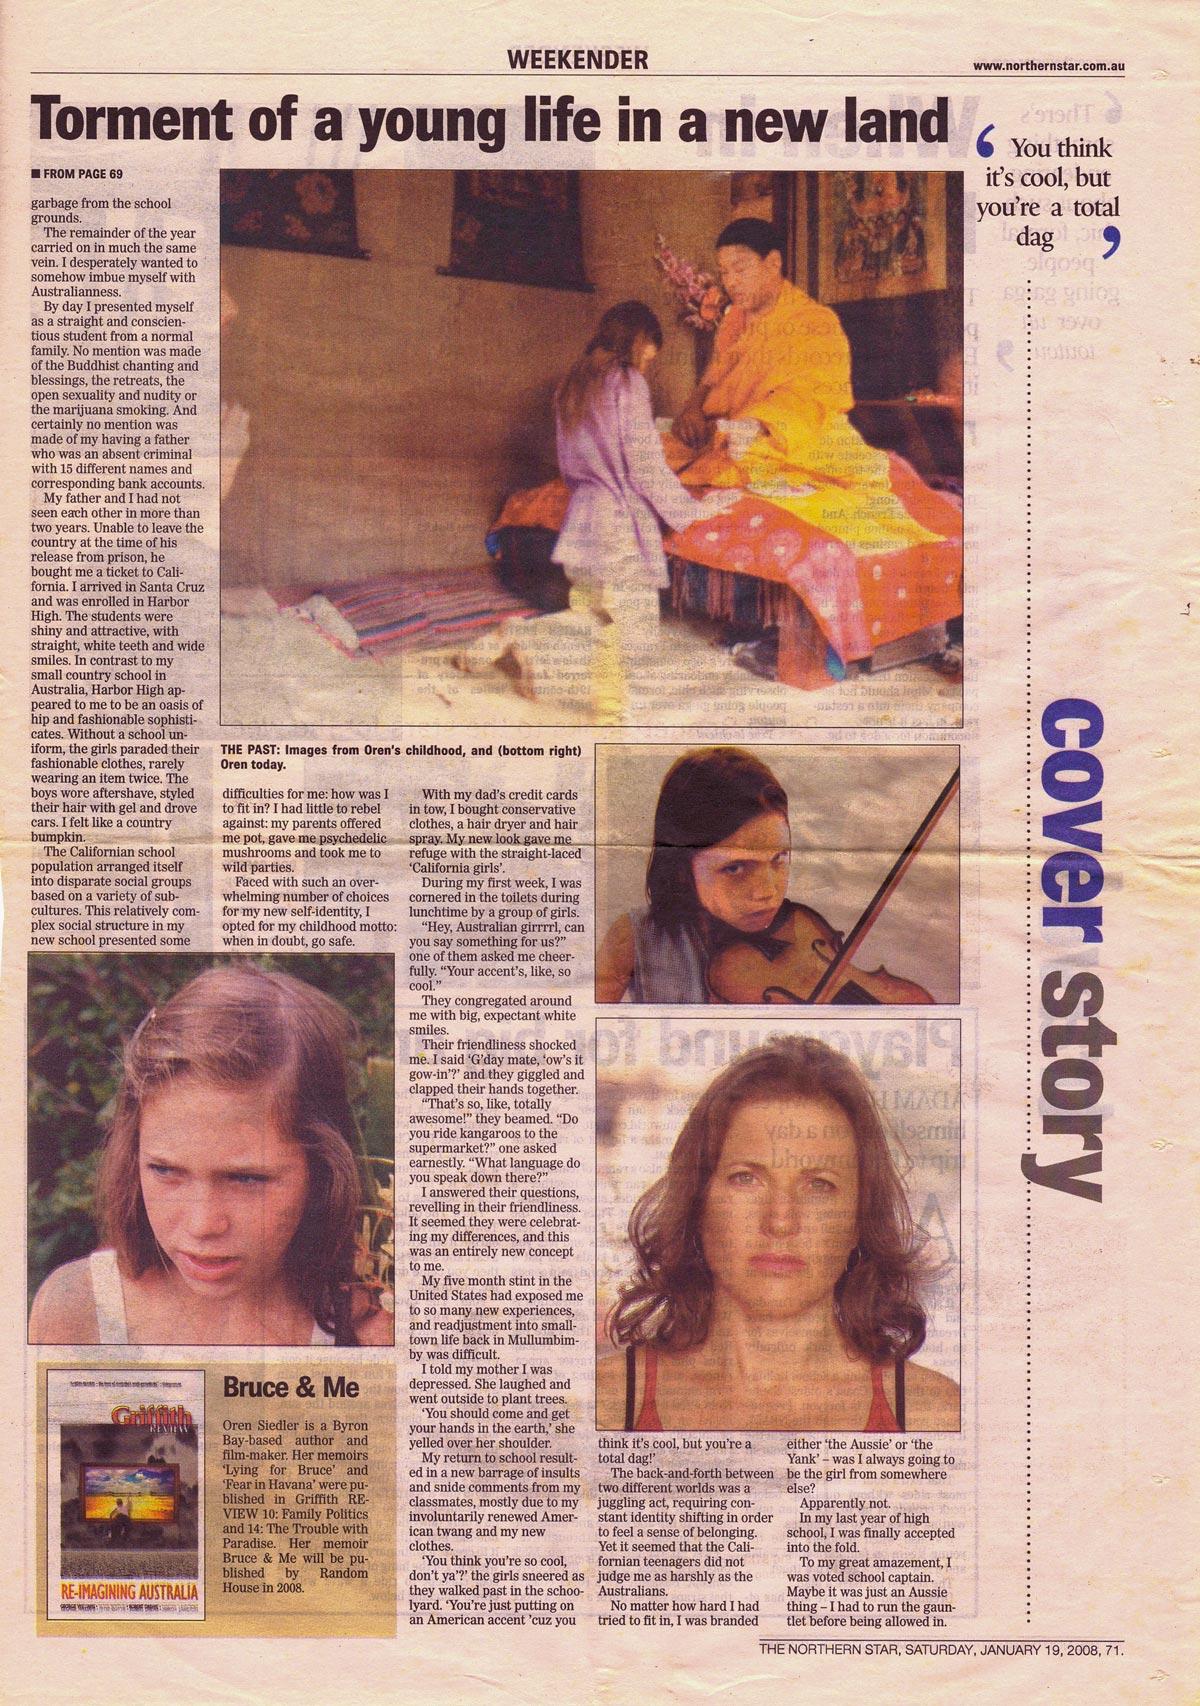 Northern Star Weekender page 2